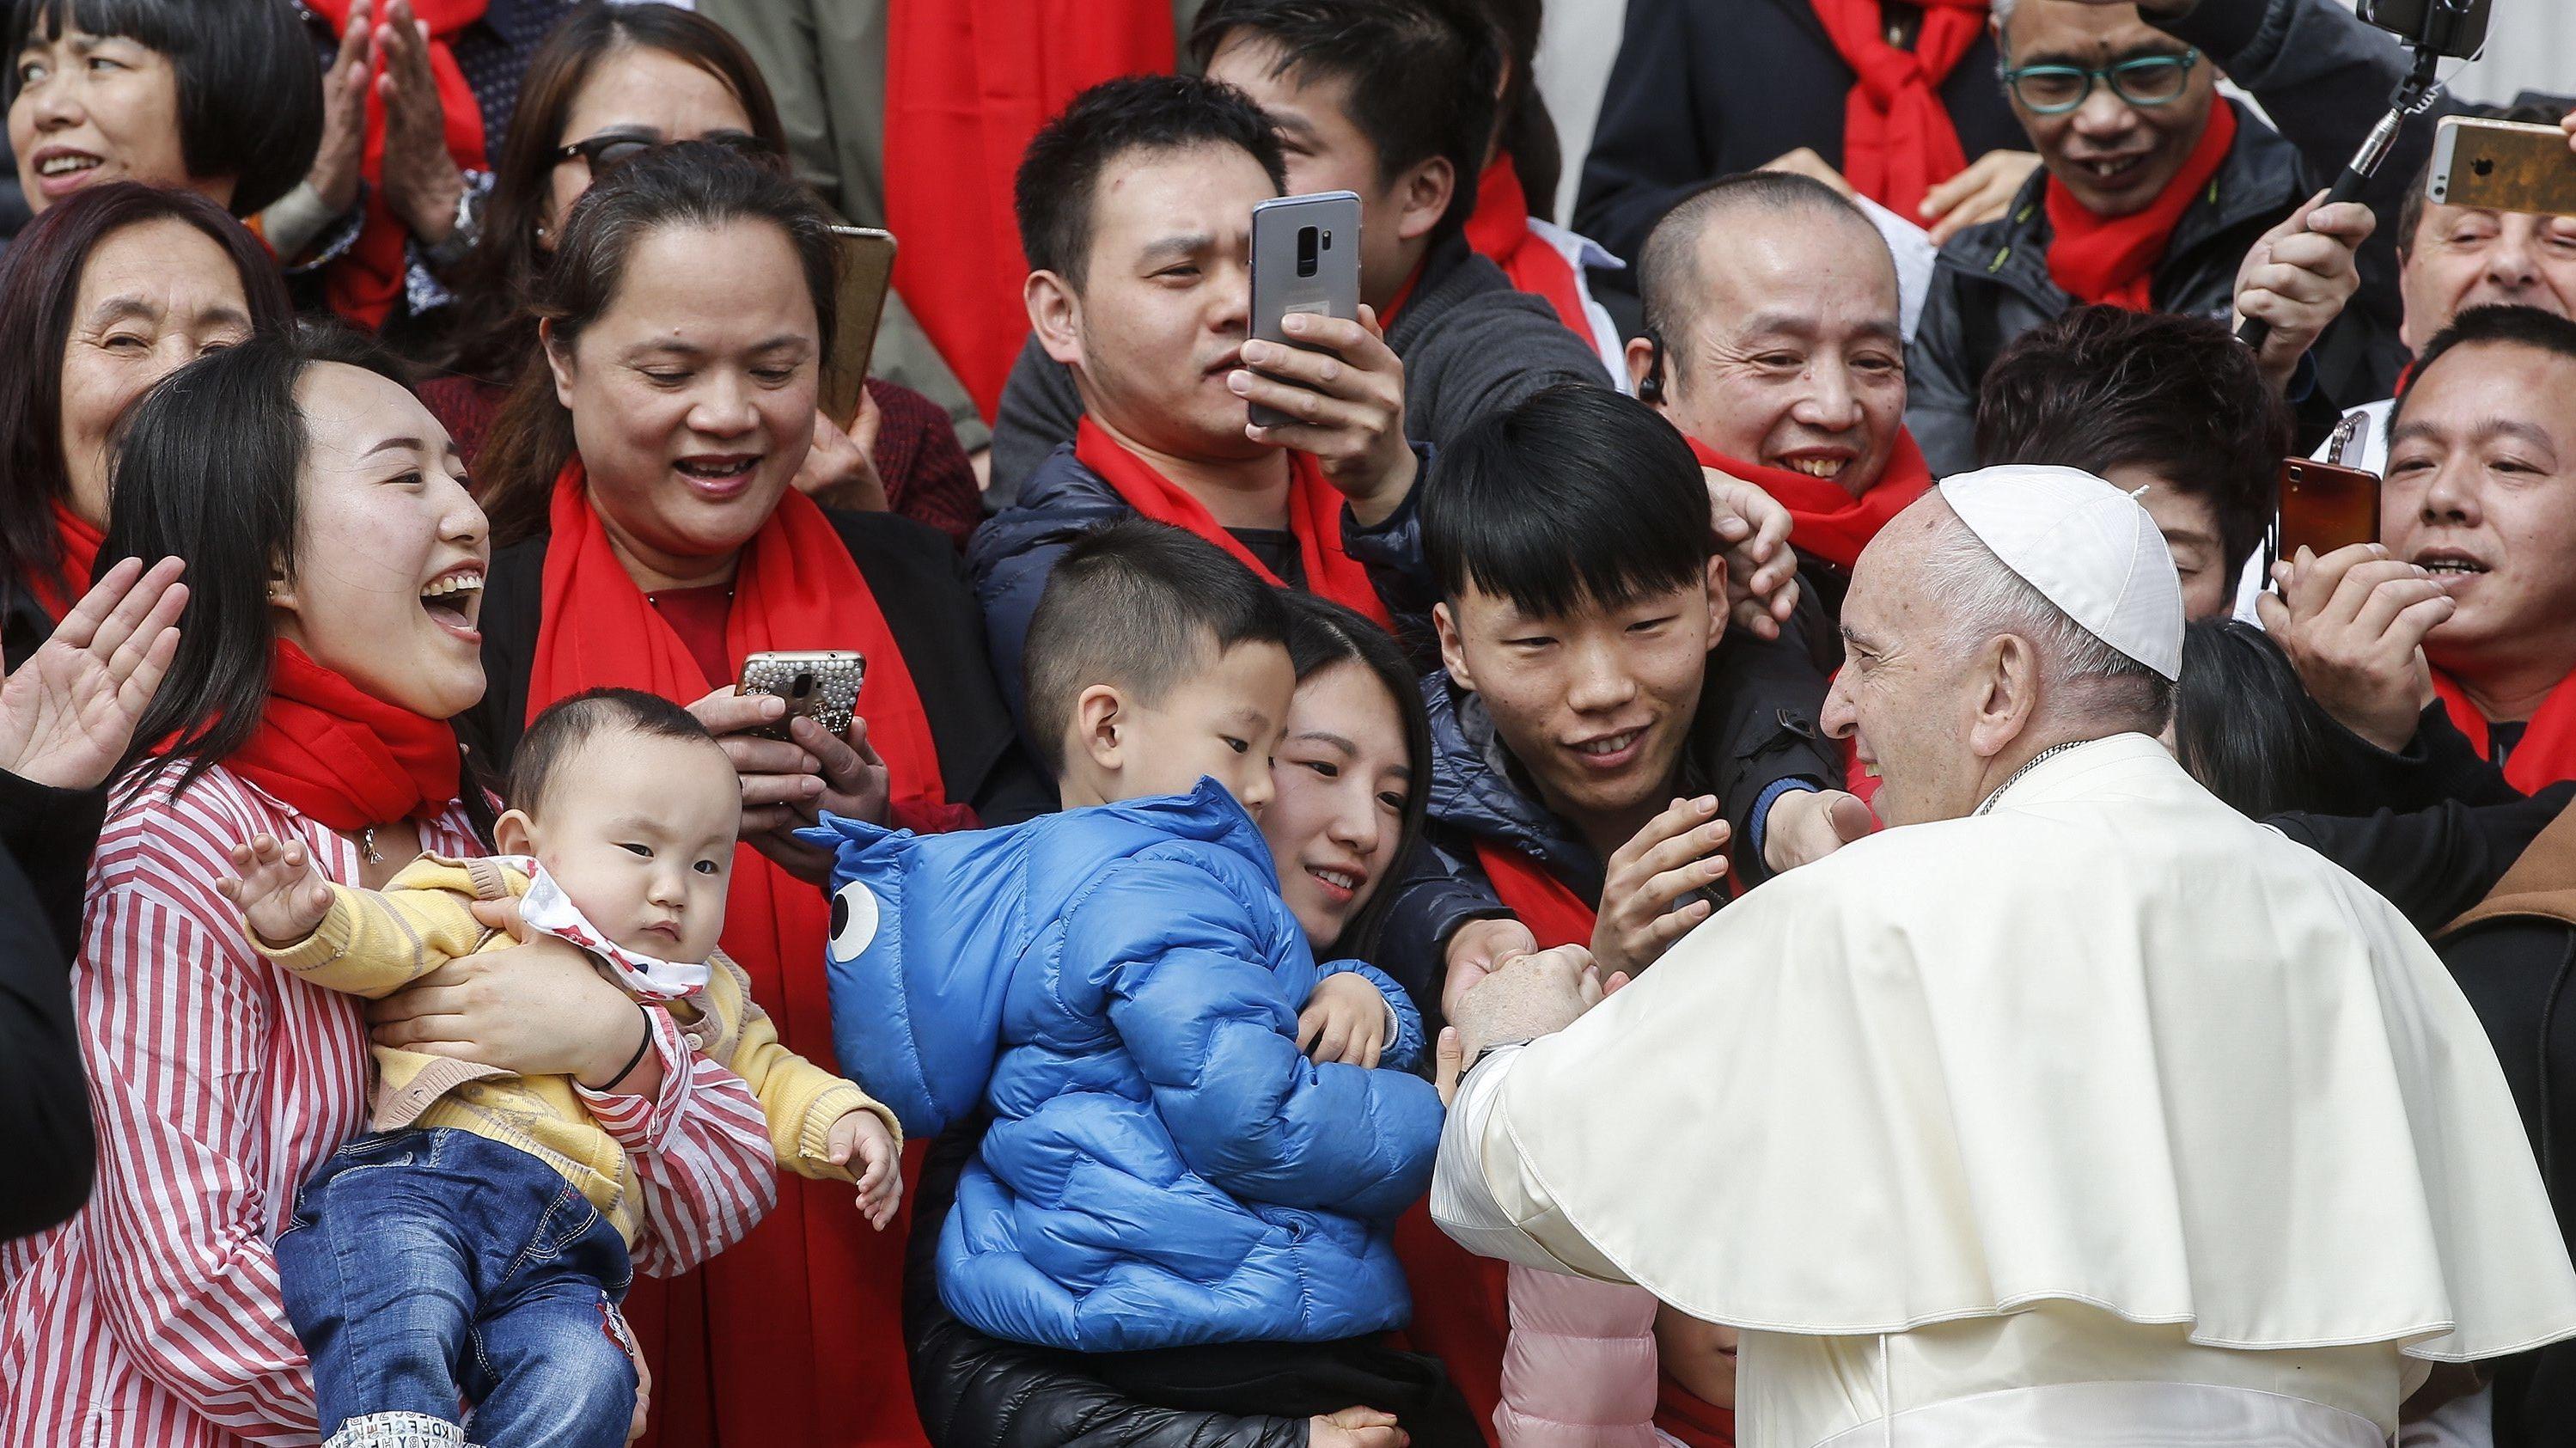 Papst Franziskus begrüßt Christen aus China nach einer Generalaudienz im Vatikan.